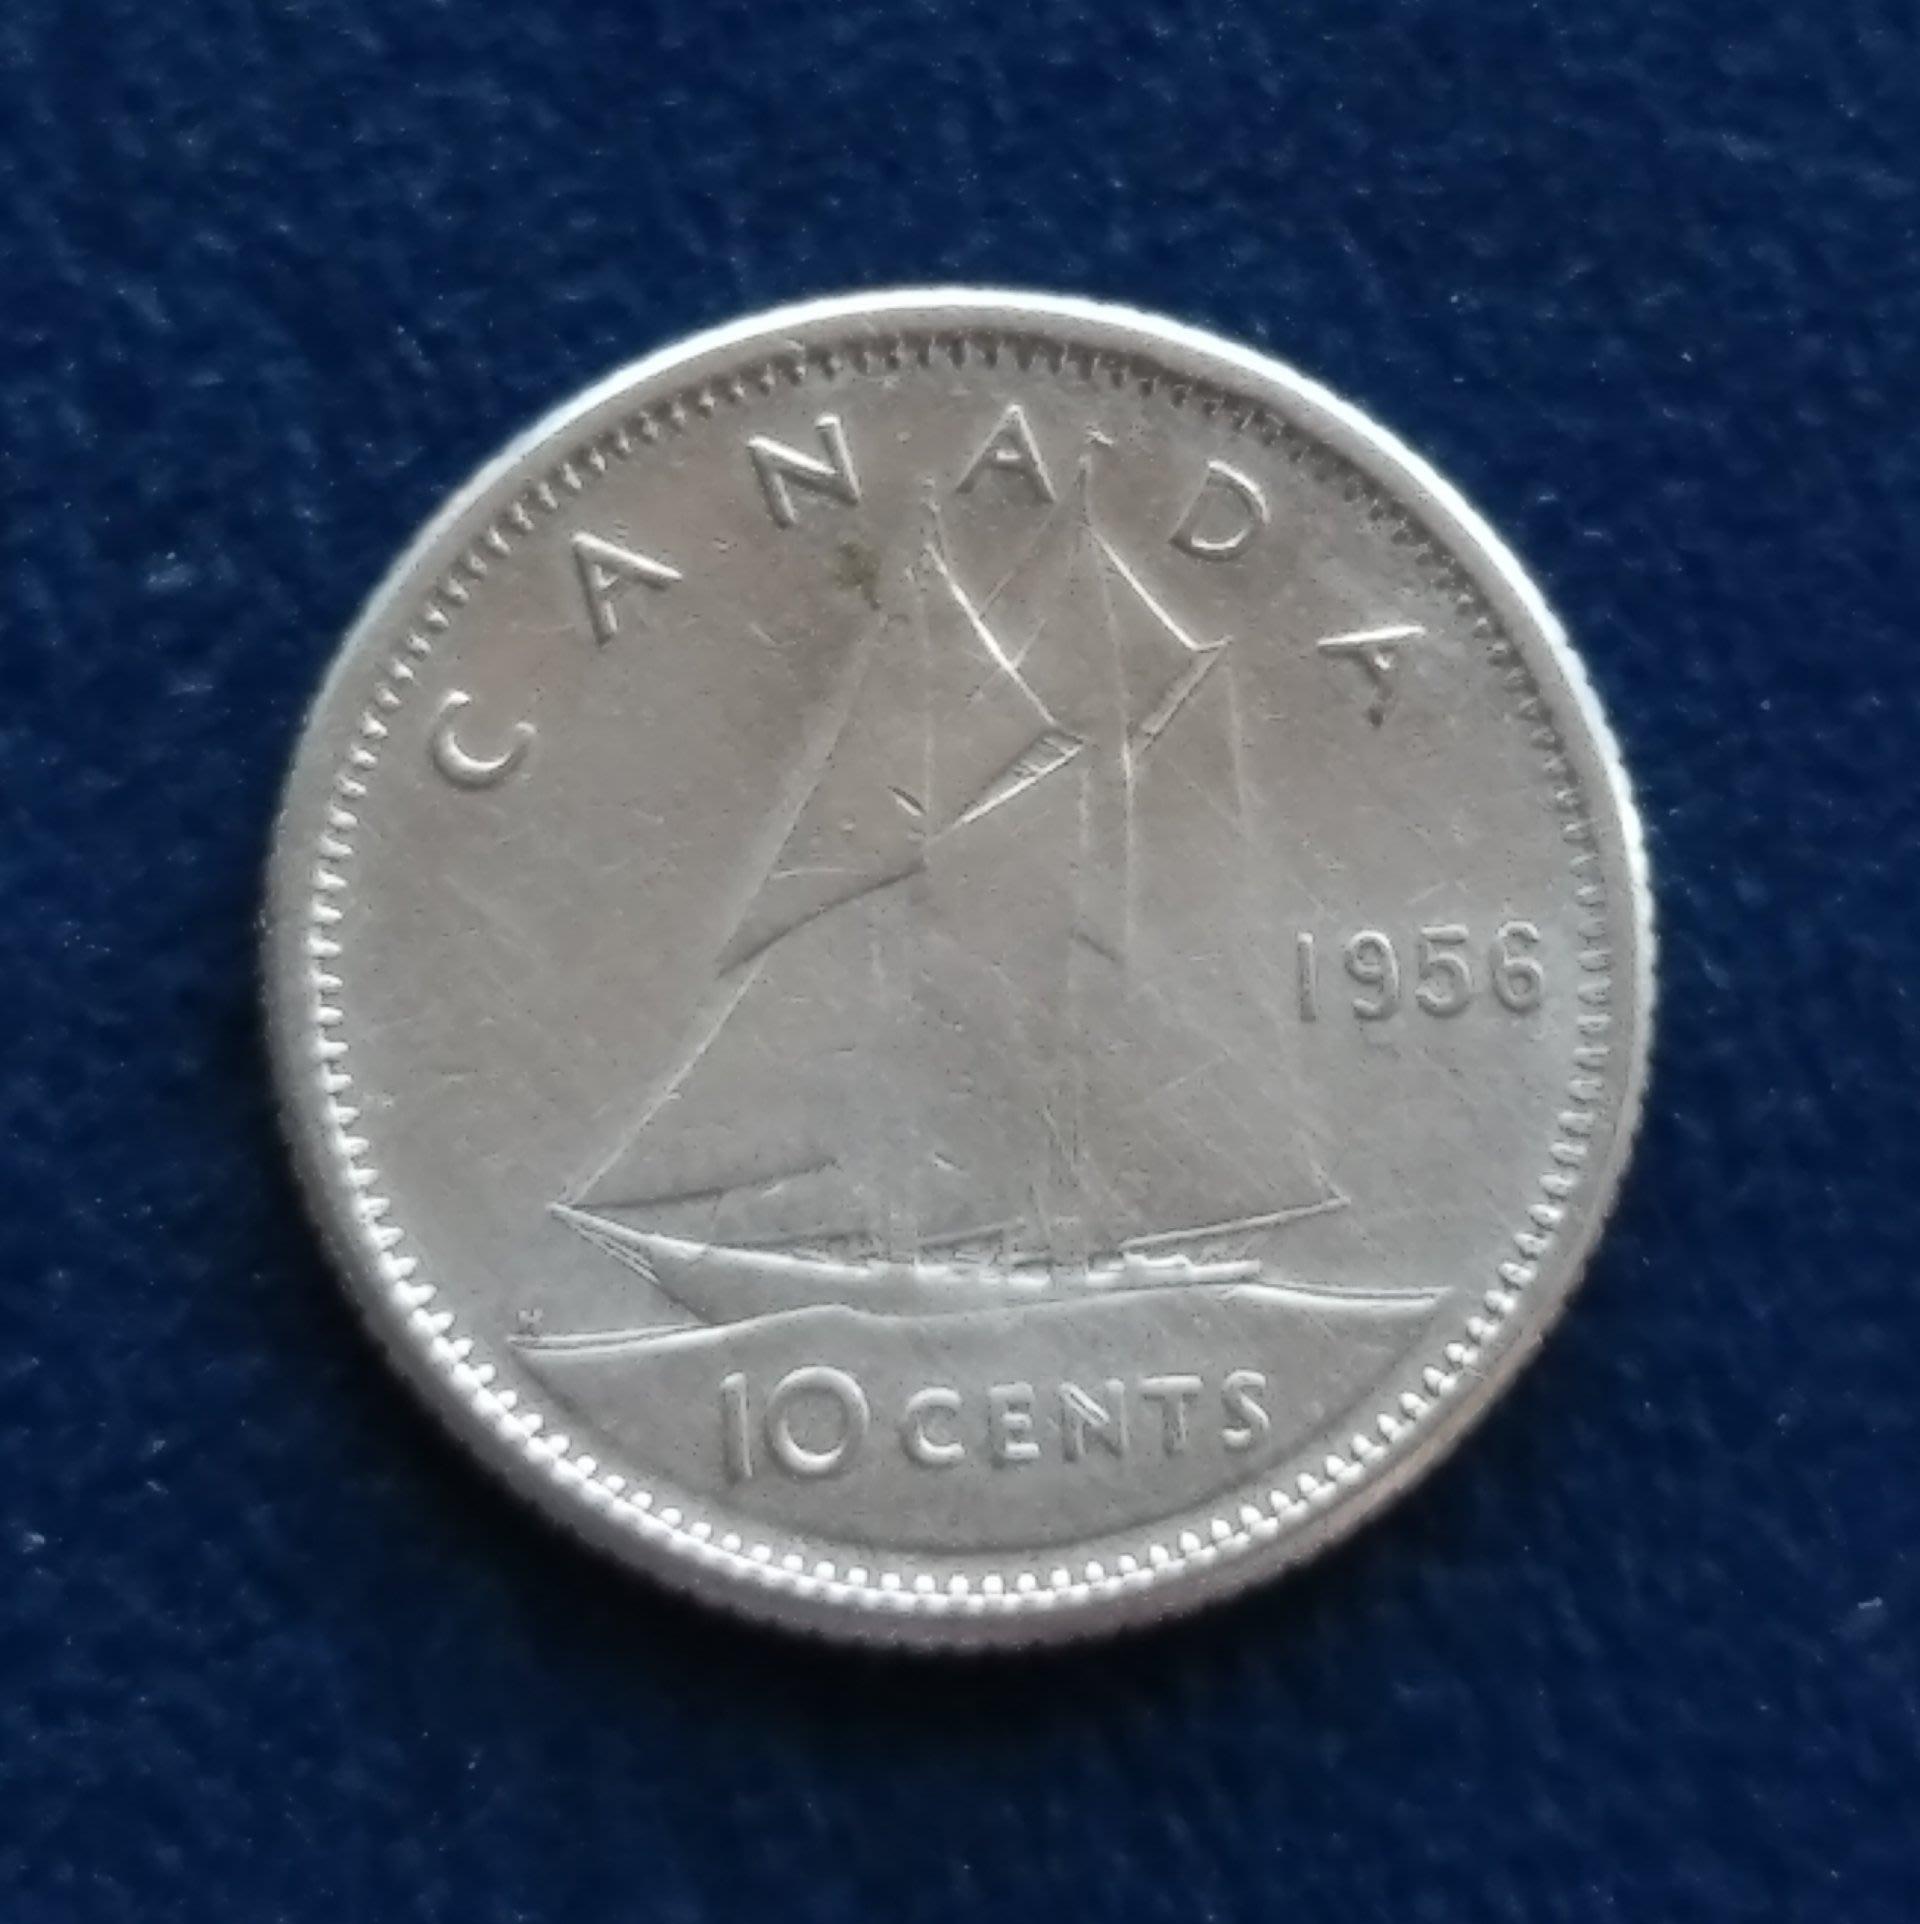 加拿大 CANADA 1956  伊莉沙白二世  10分  銀幣(80%)   280-395